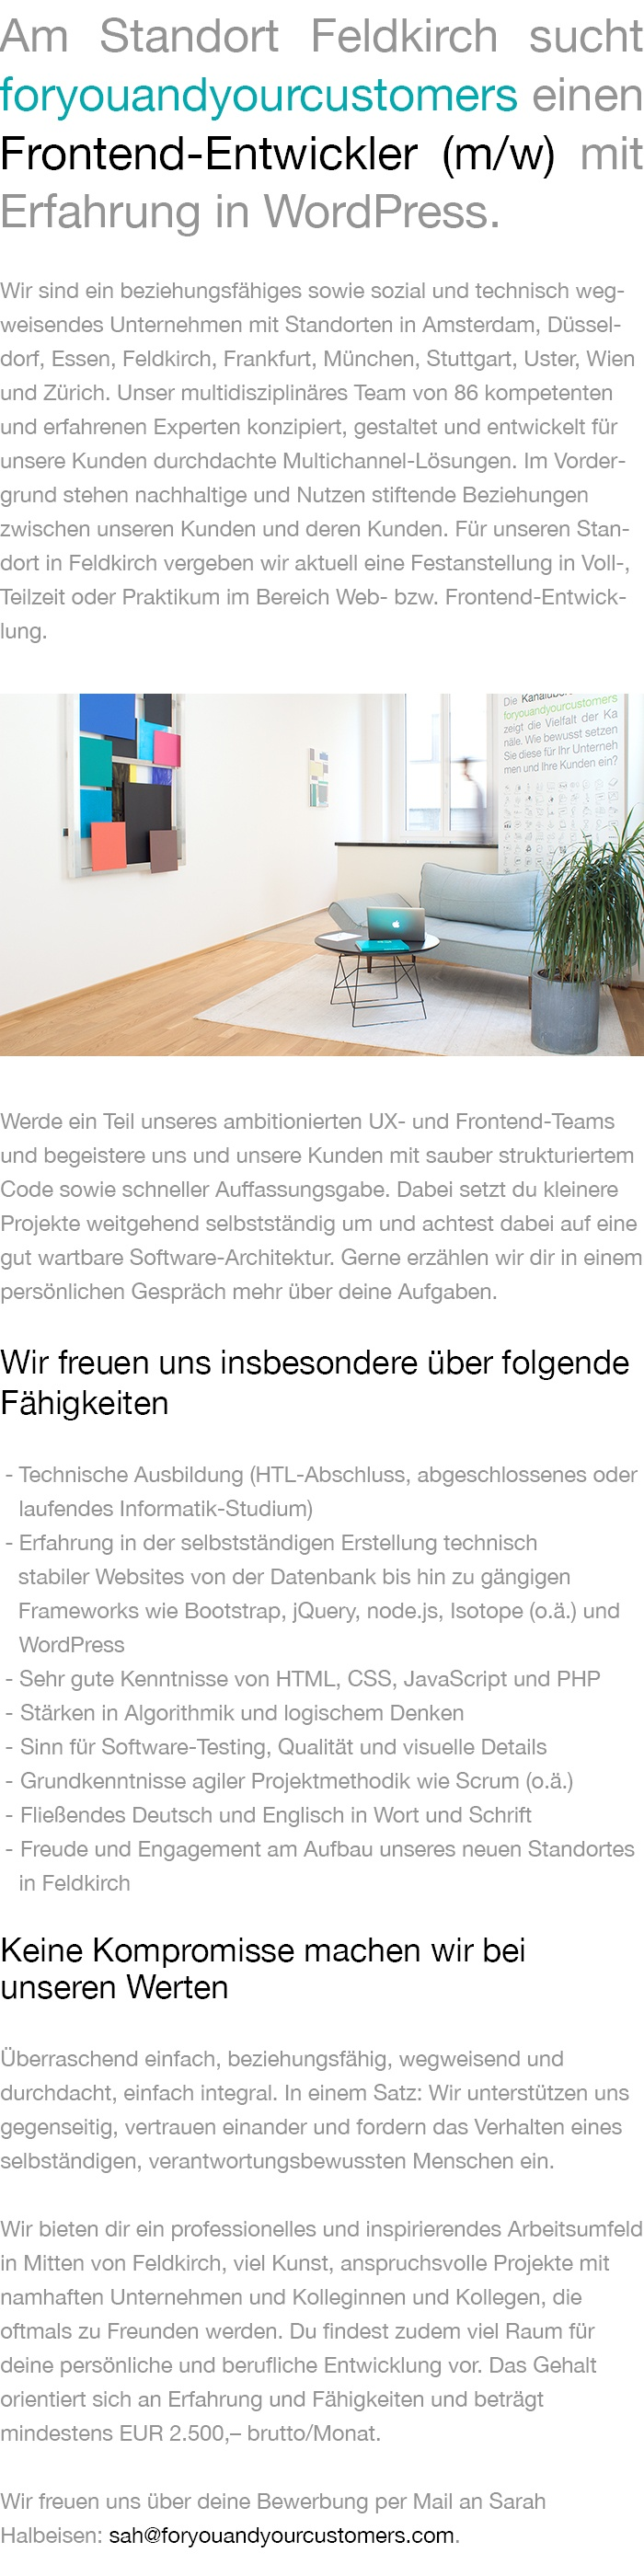 web entwickler frontend wordpress feldkirch jobs in